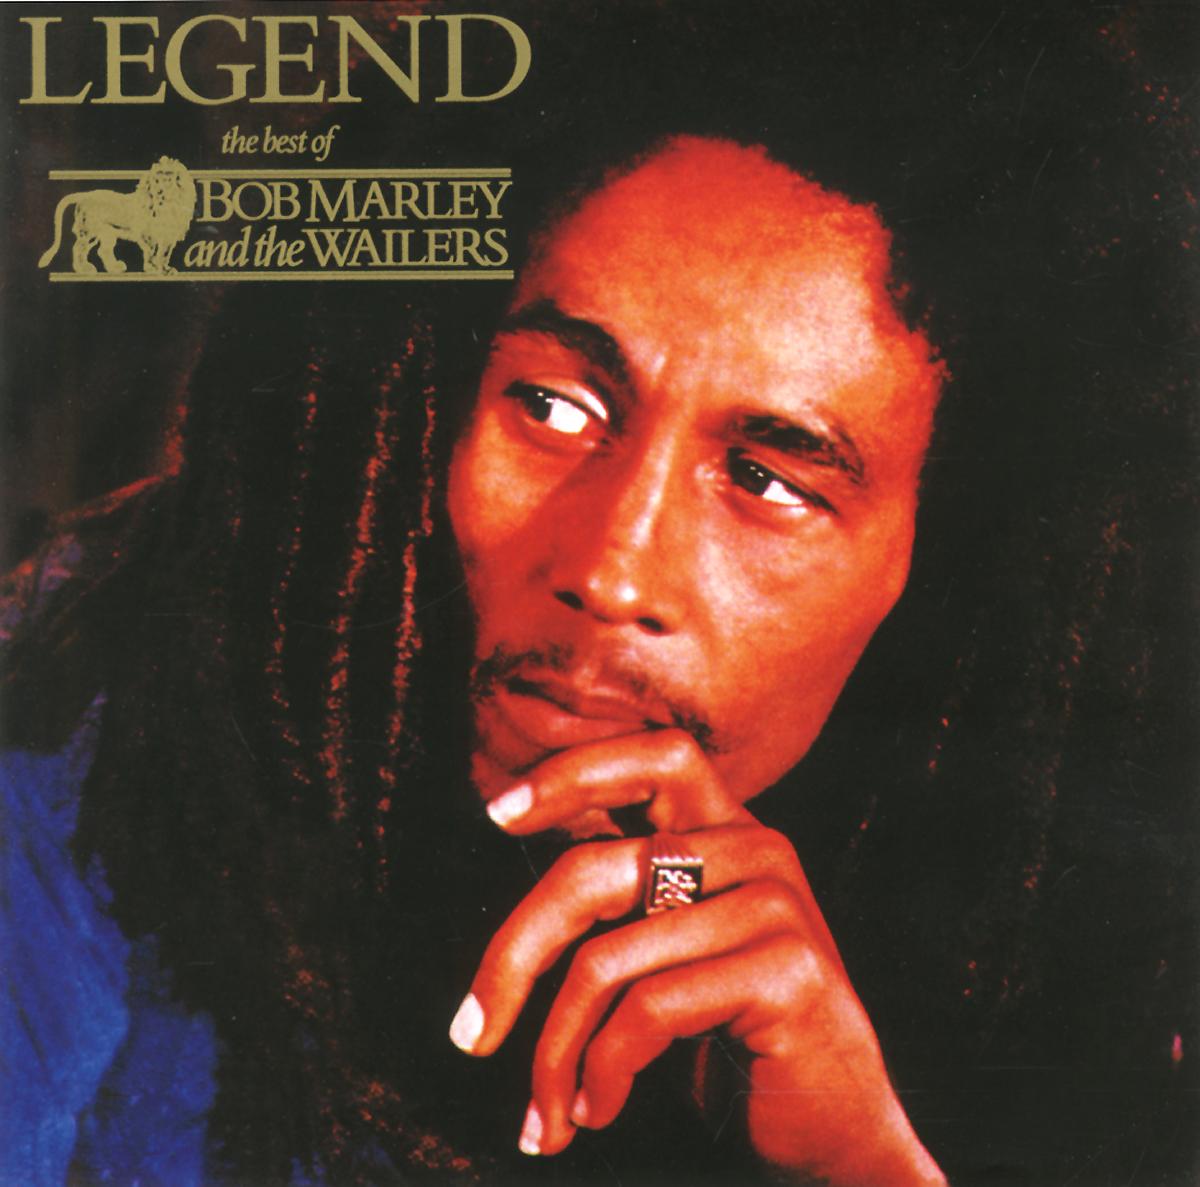 Боб Марли,The Wailers Bob Marley And The Wailers. Legend. The Best Of Bob Marley And The Wailers marley and the runaway pumpkin level 2